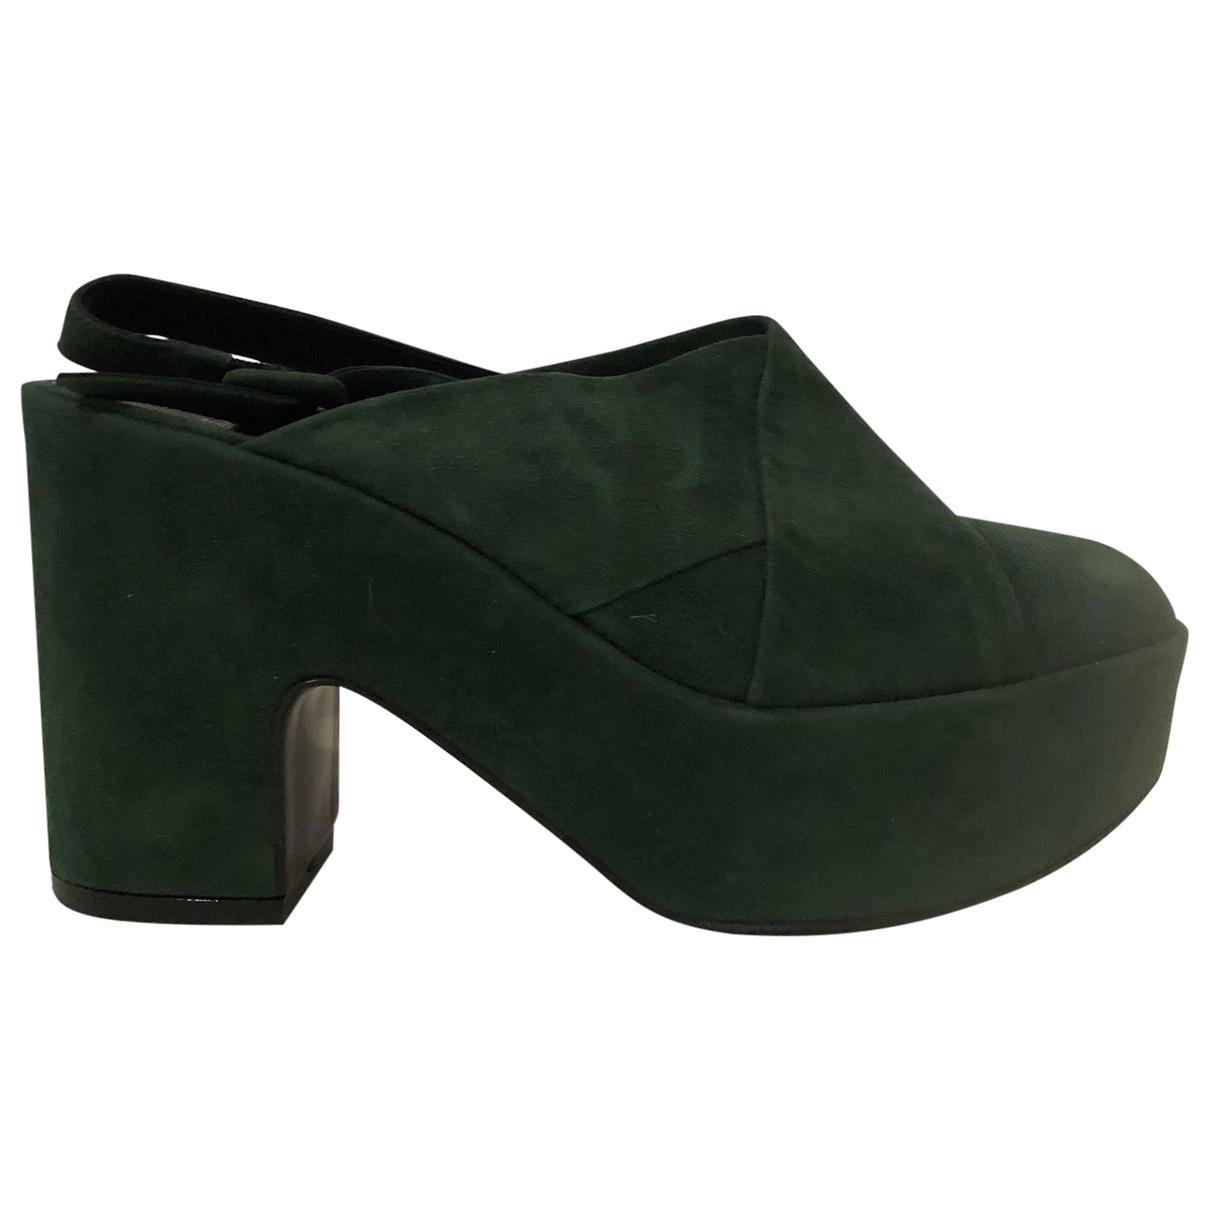 Robert Clergerie \N Green Suede Sandals for Women 40 EU